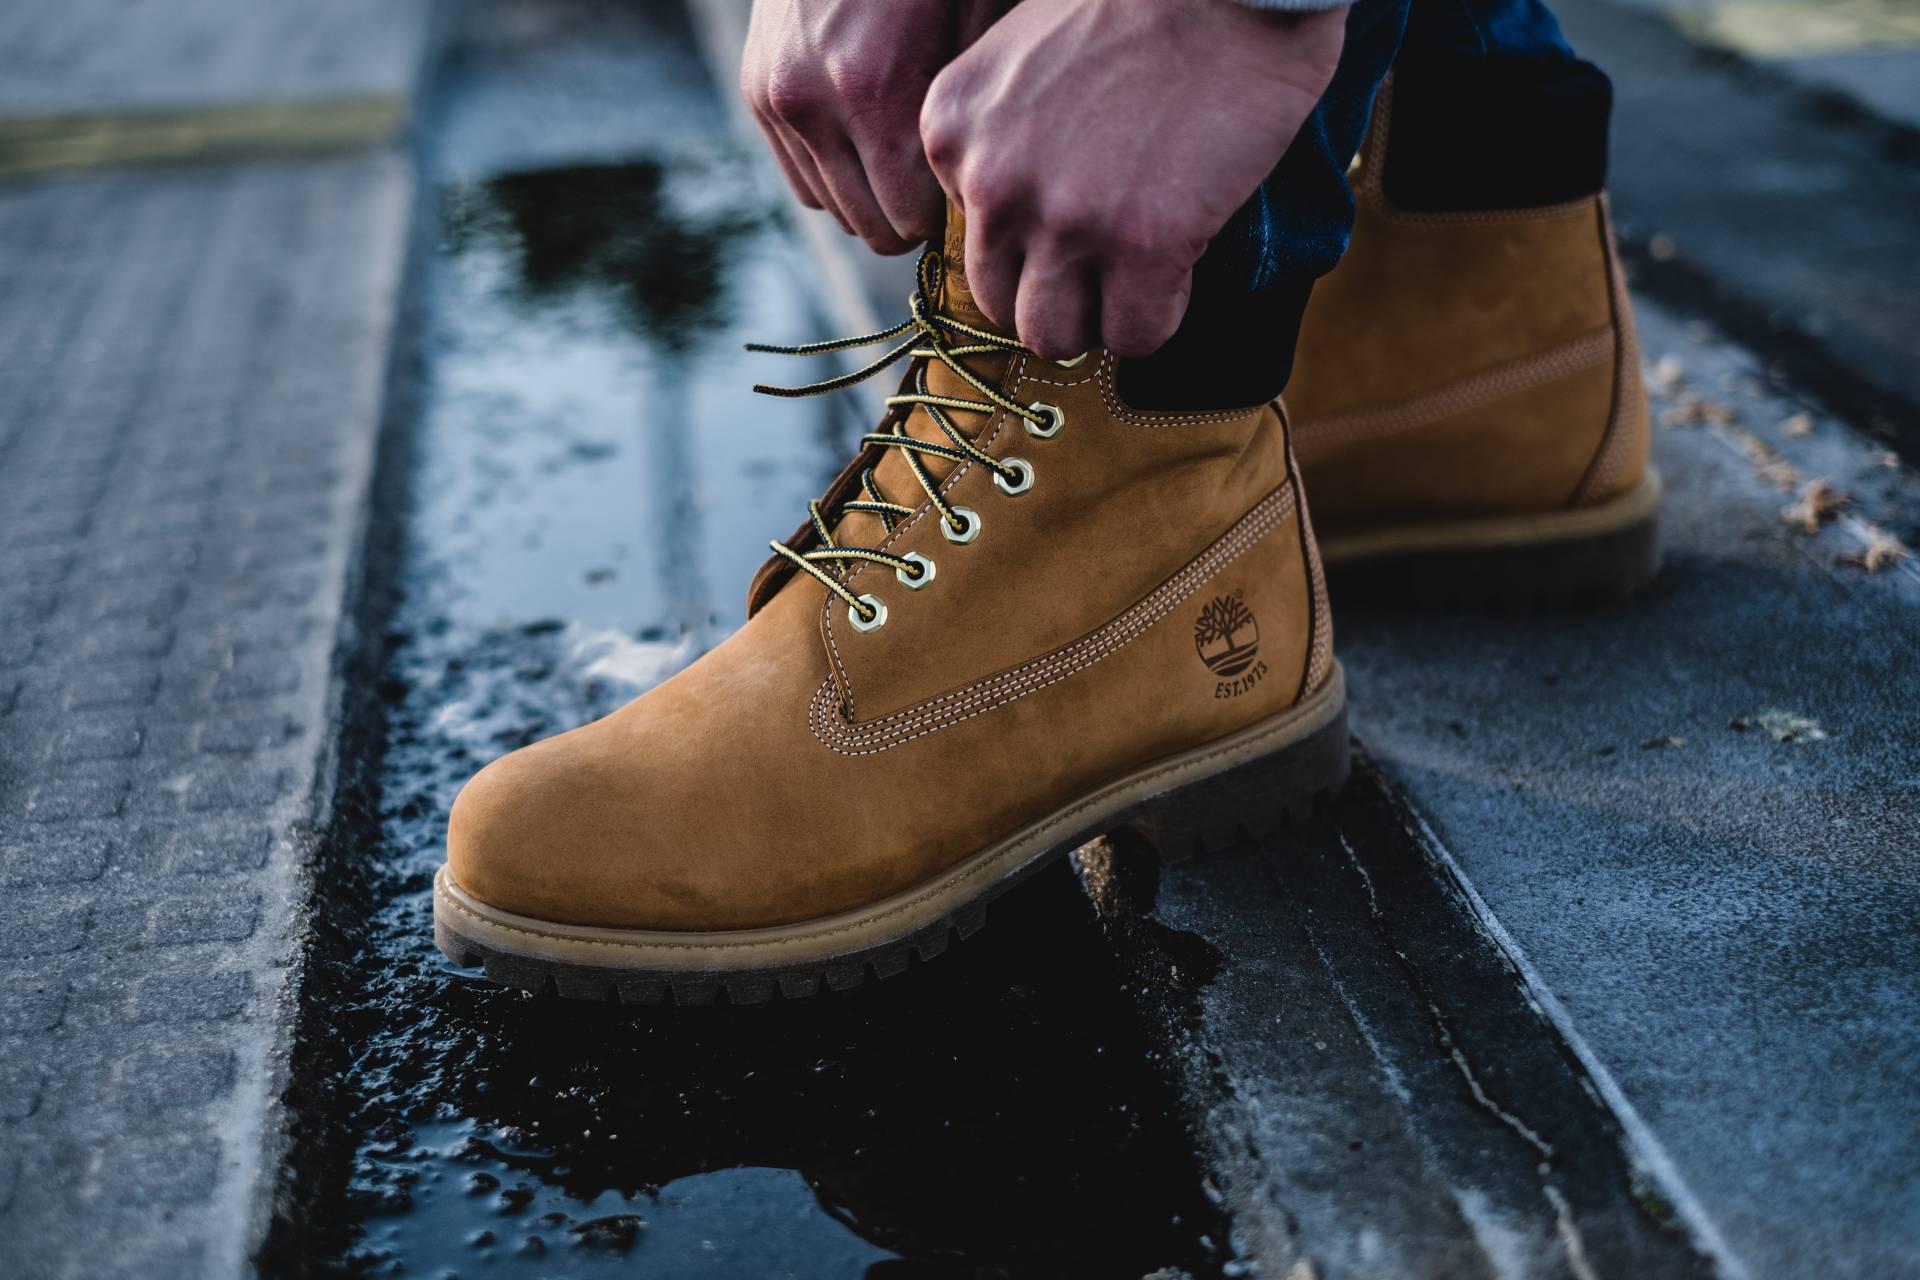 Wer auf orthopädische oder sonstige Einlagen beim Tragen von Schuhen angewiesen ist, kann nicht einfach irgendwelche Modelle aus dem herkömmlichen Einzelhandel dafür verwenden